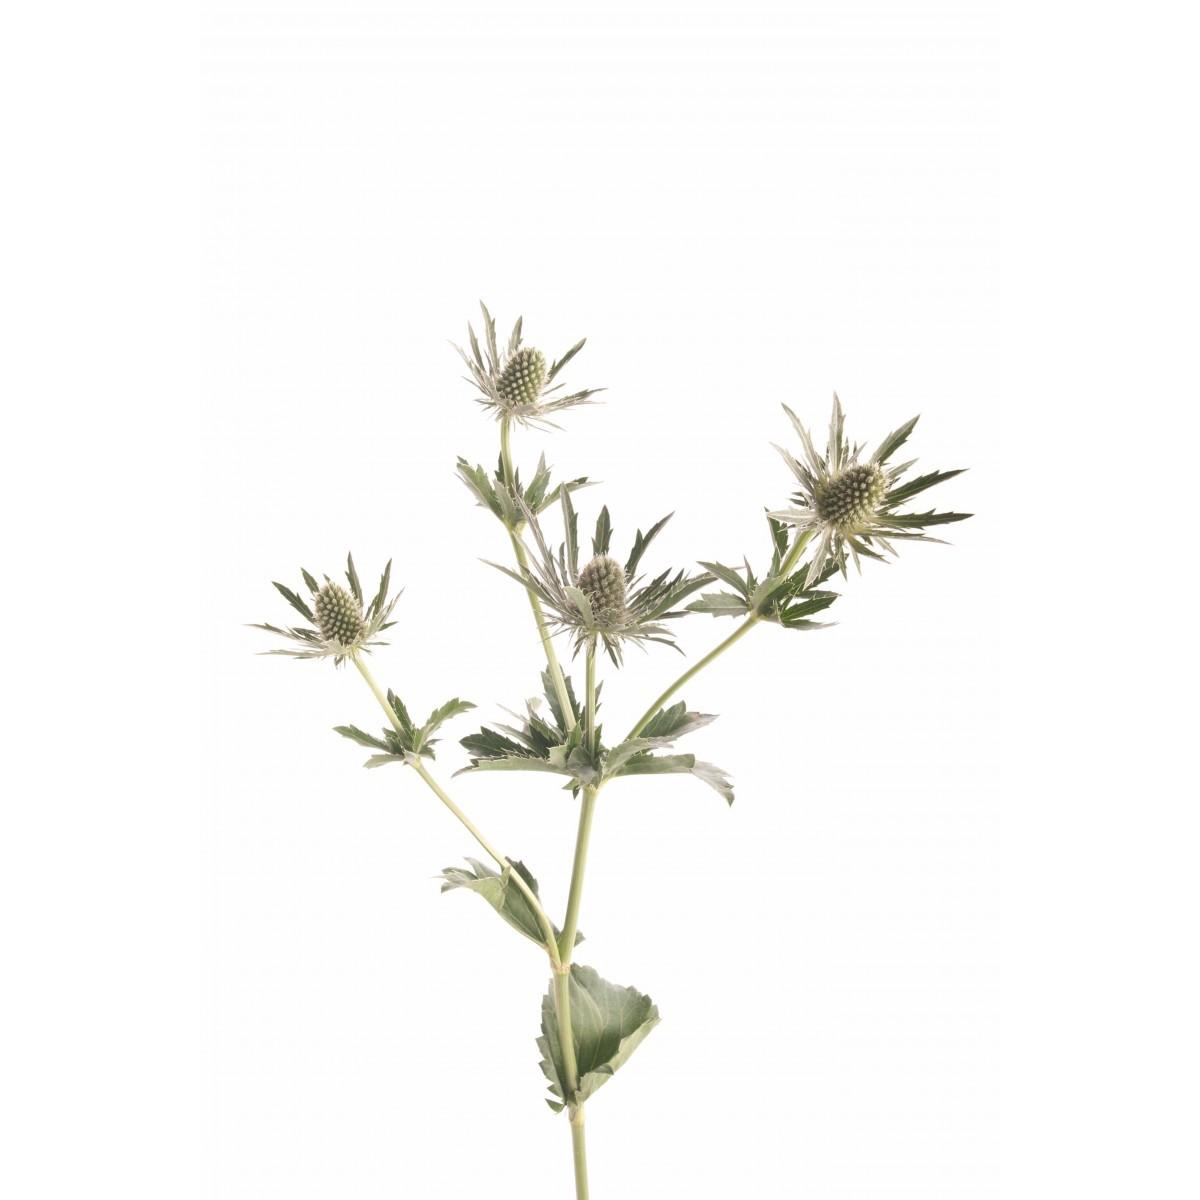 green-eryngium-thistle-sirius-questar-2.jpg